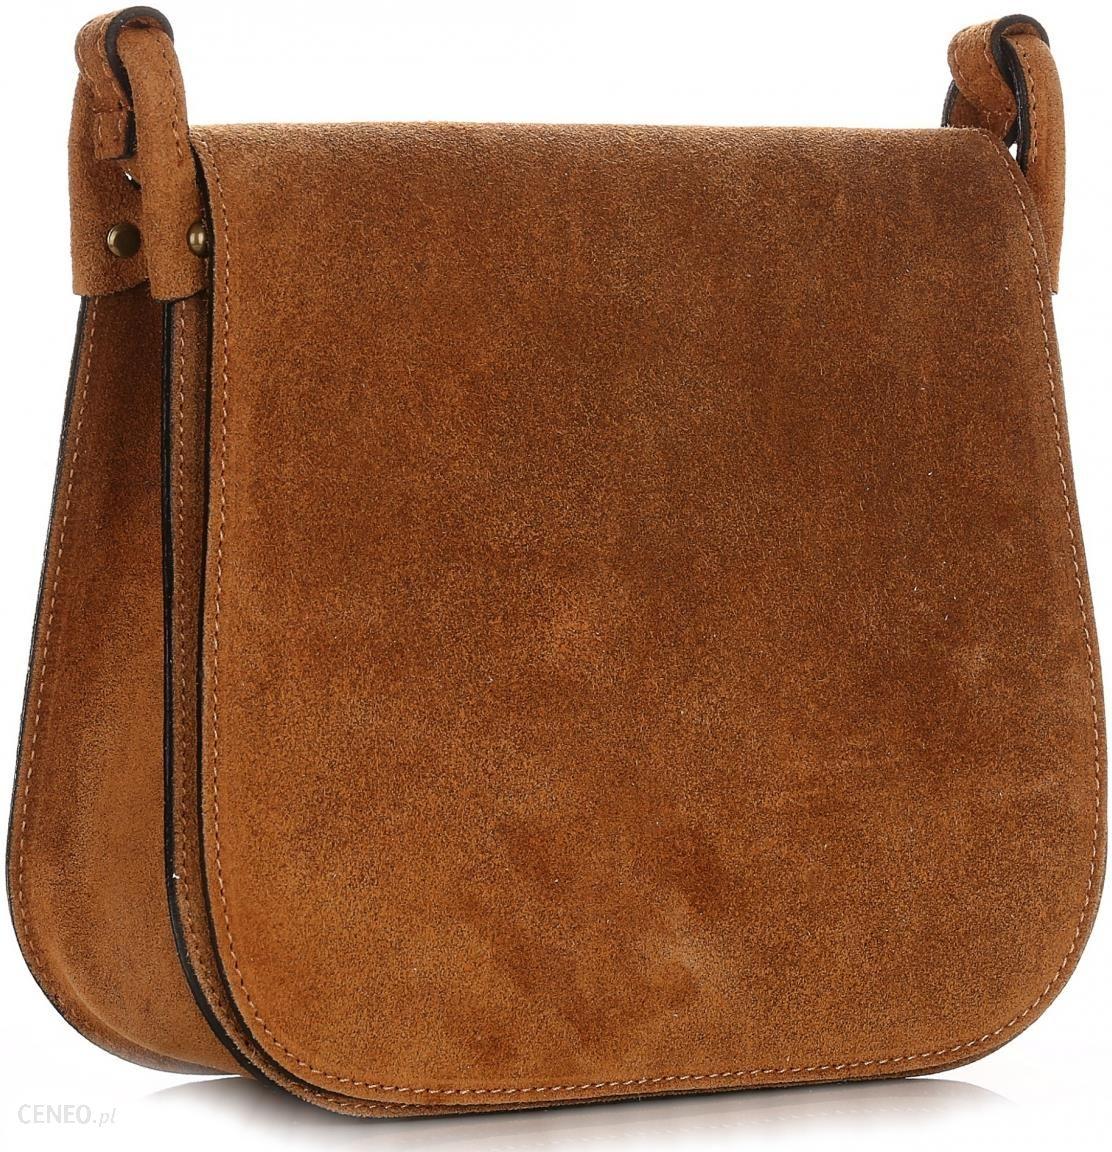 4c39e4581f419 Torebki Listonoszki Skórzane Firmy Genuine Leather Ruda (kolory) - zdjęcie 1